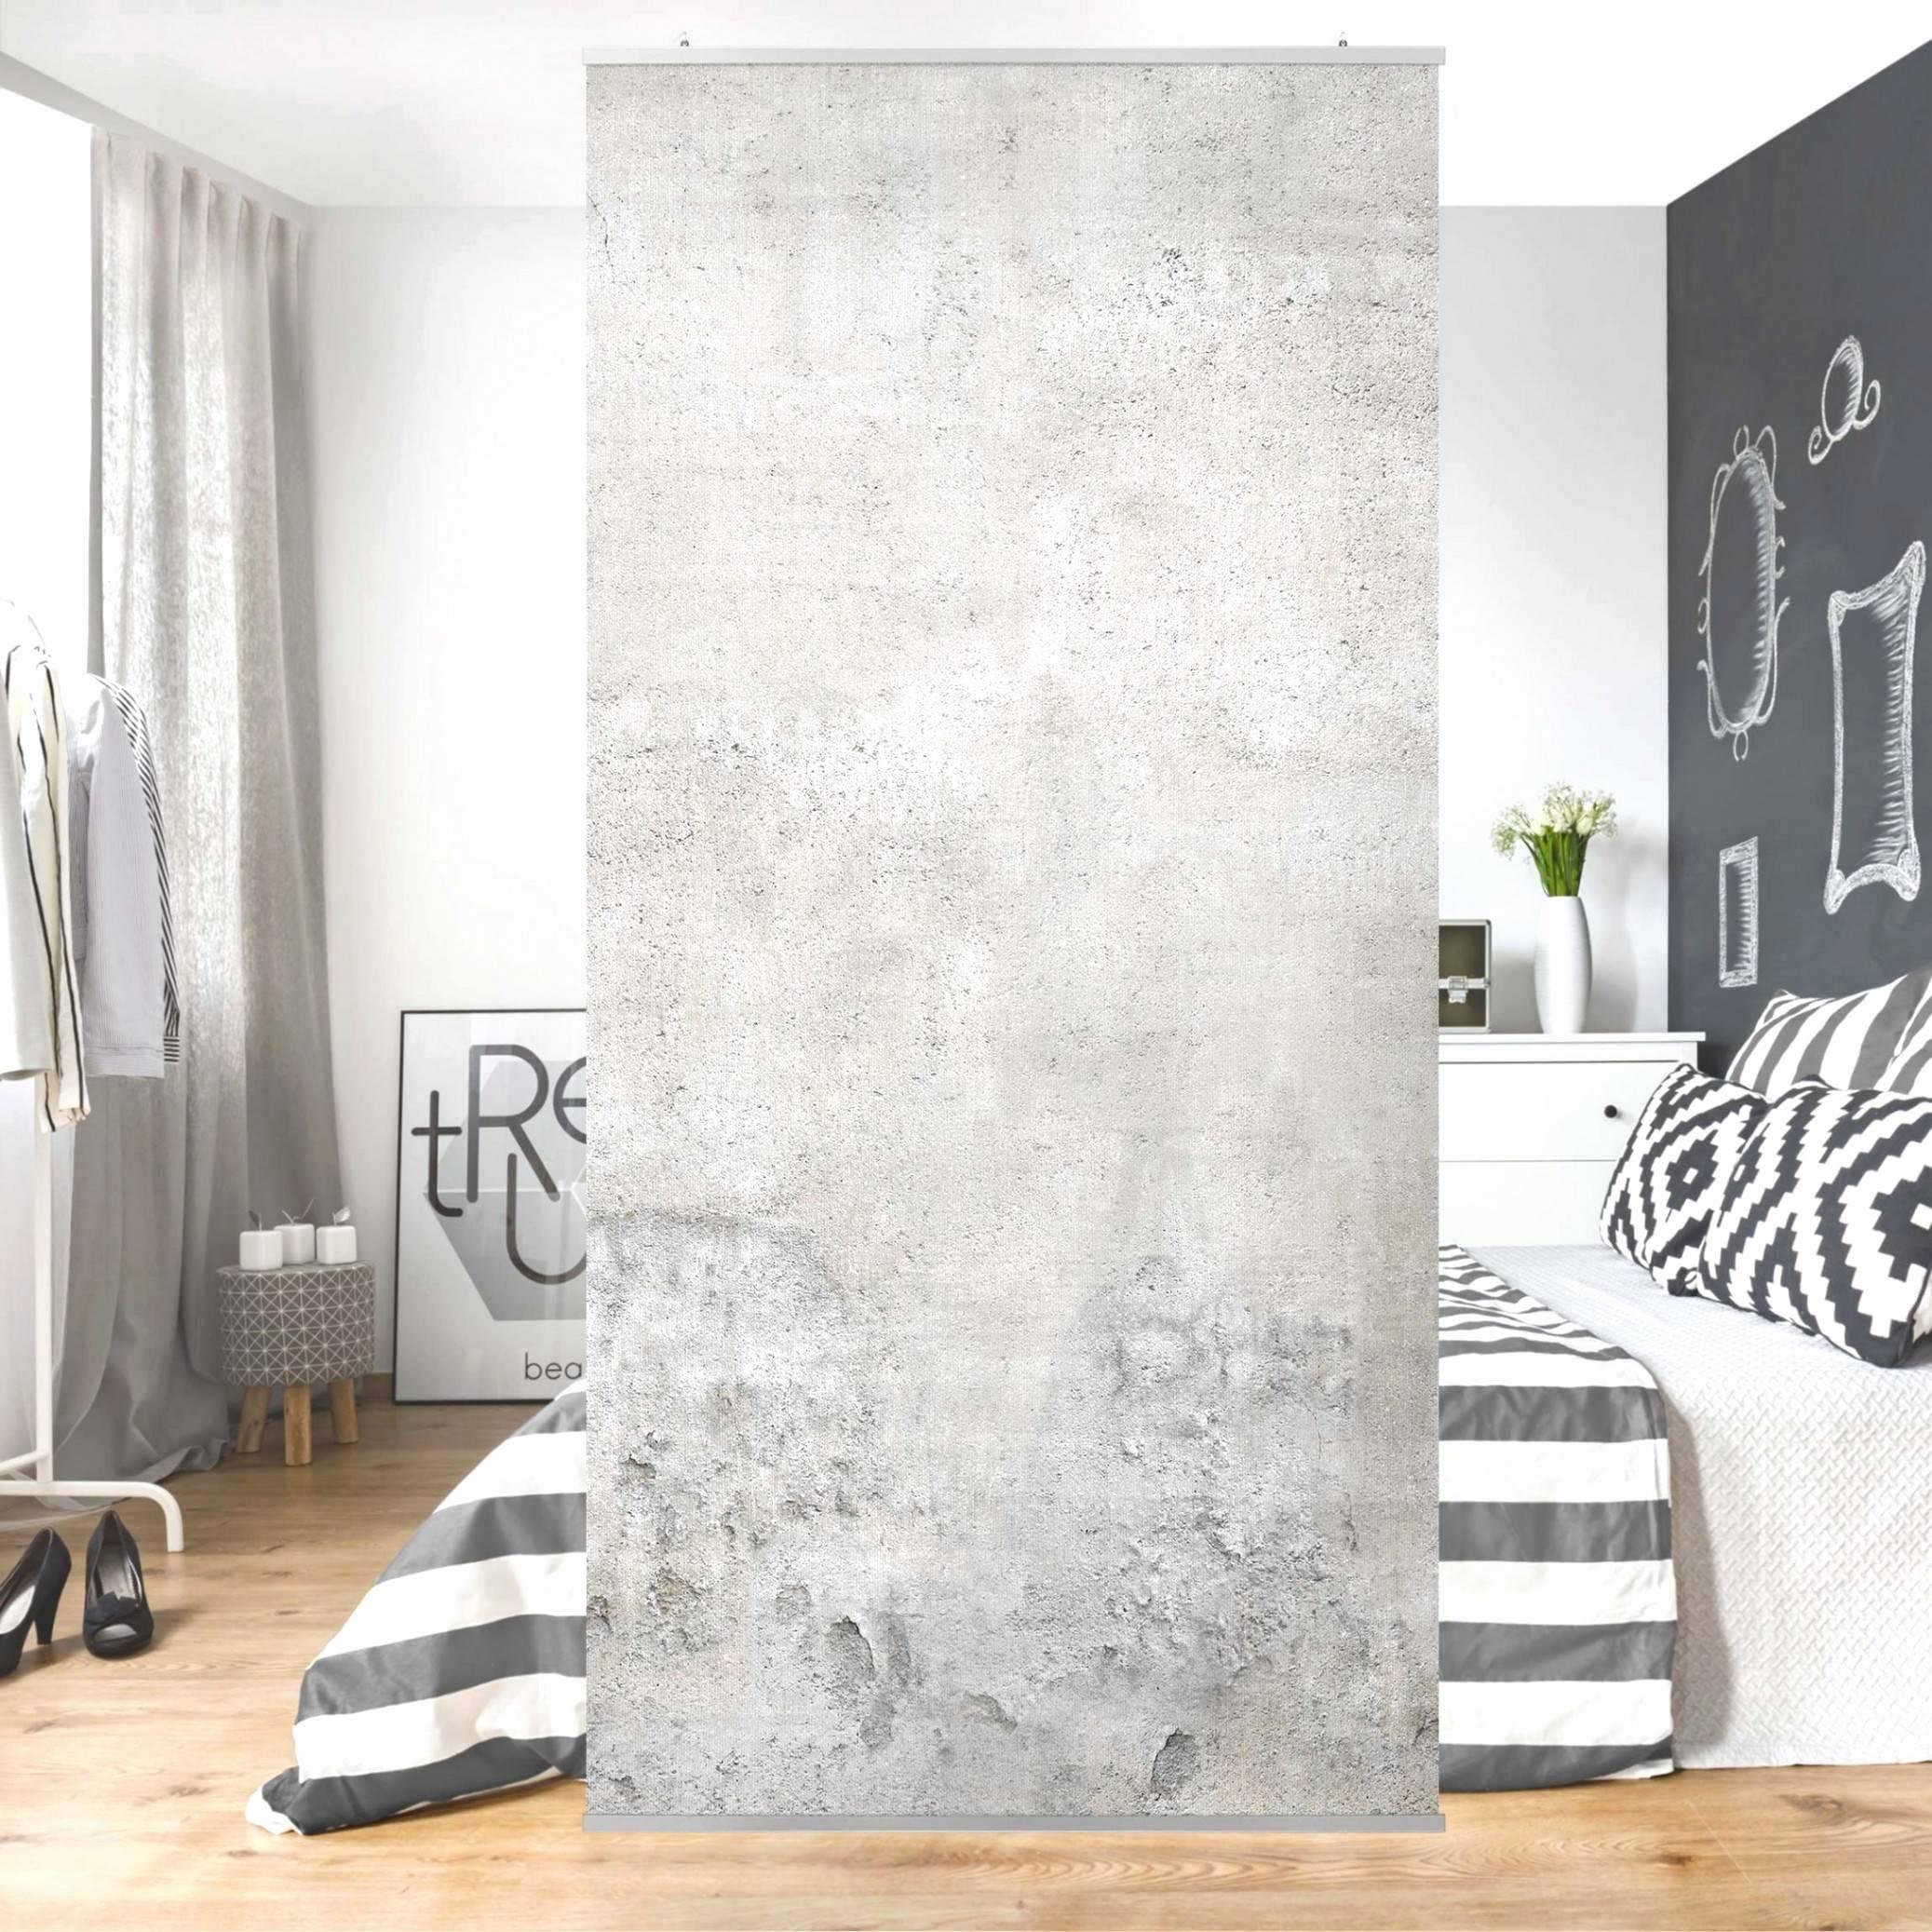 japanische deko wohnzimmer elegant wohnzimmer fenster gardinen neu plissee wohnzimmer 0d design ideen of japanische deko wohnzimmer